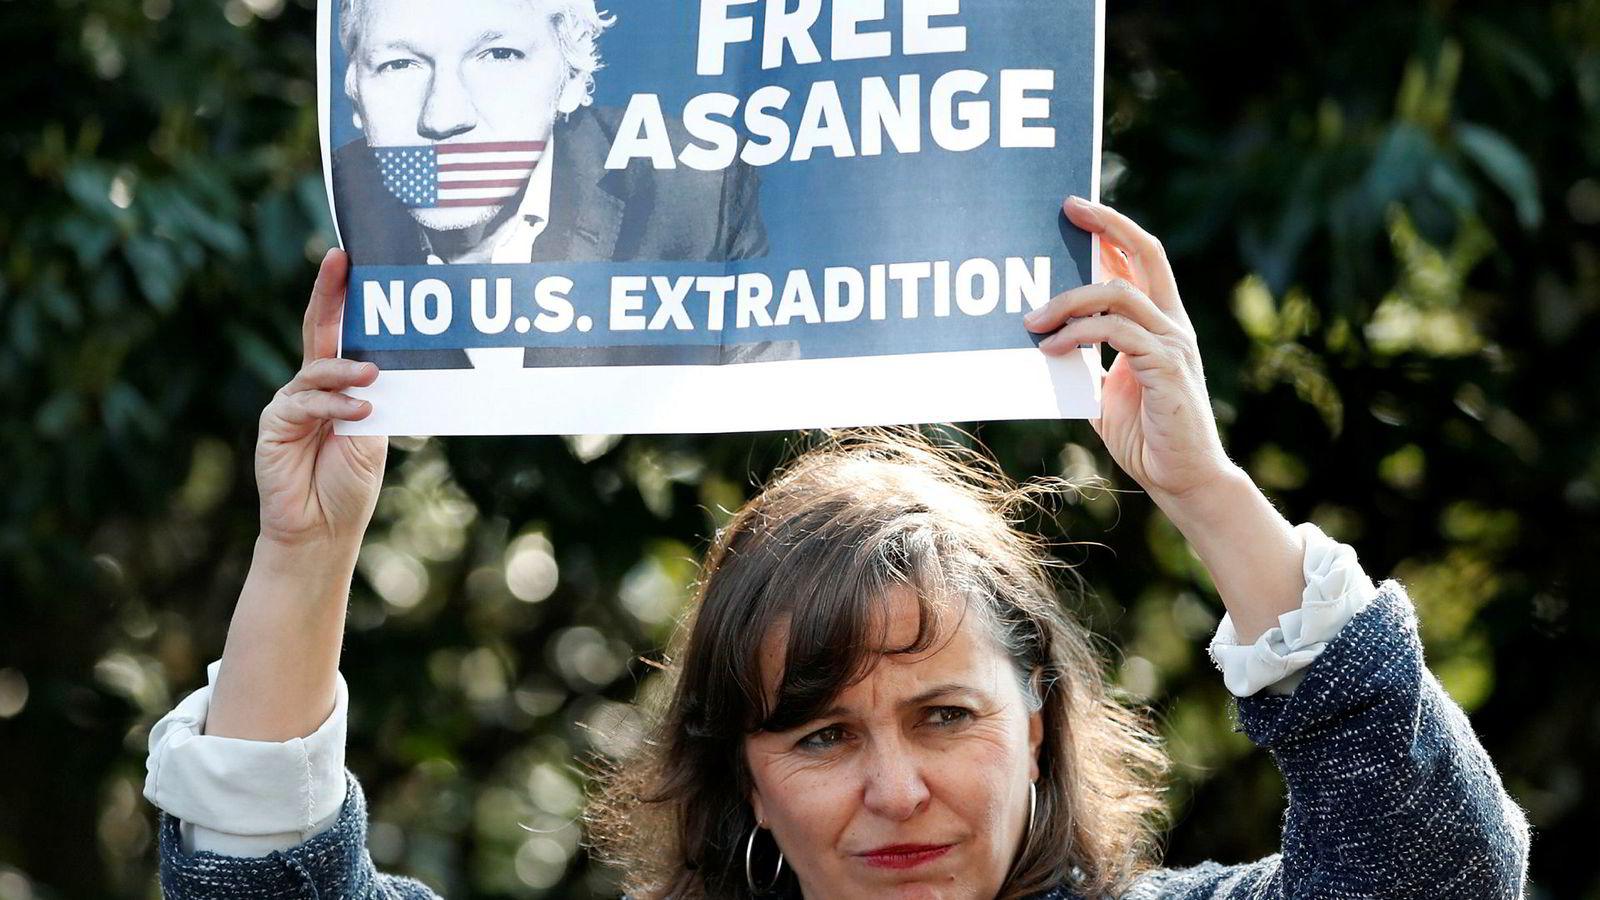 Julian Assange-saken har skapt store reaksjoner på tvers av landegrenser. På bildet er den spanske politikeren Ana Miralda Paz som denne uken deltok på en pressekonferanse i London hvor hun uttrykte støtte til WikiLeaks-grunnleggeren sammen med flere internasjonale politikere.